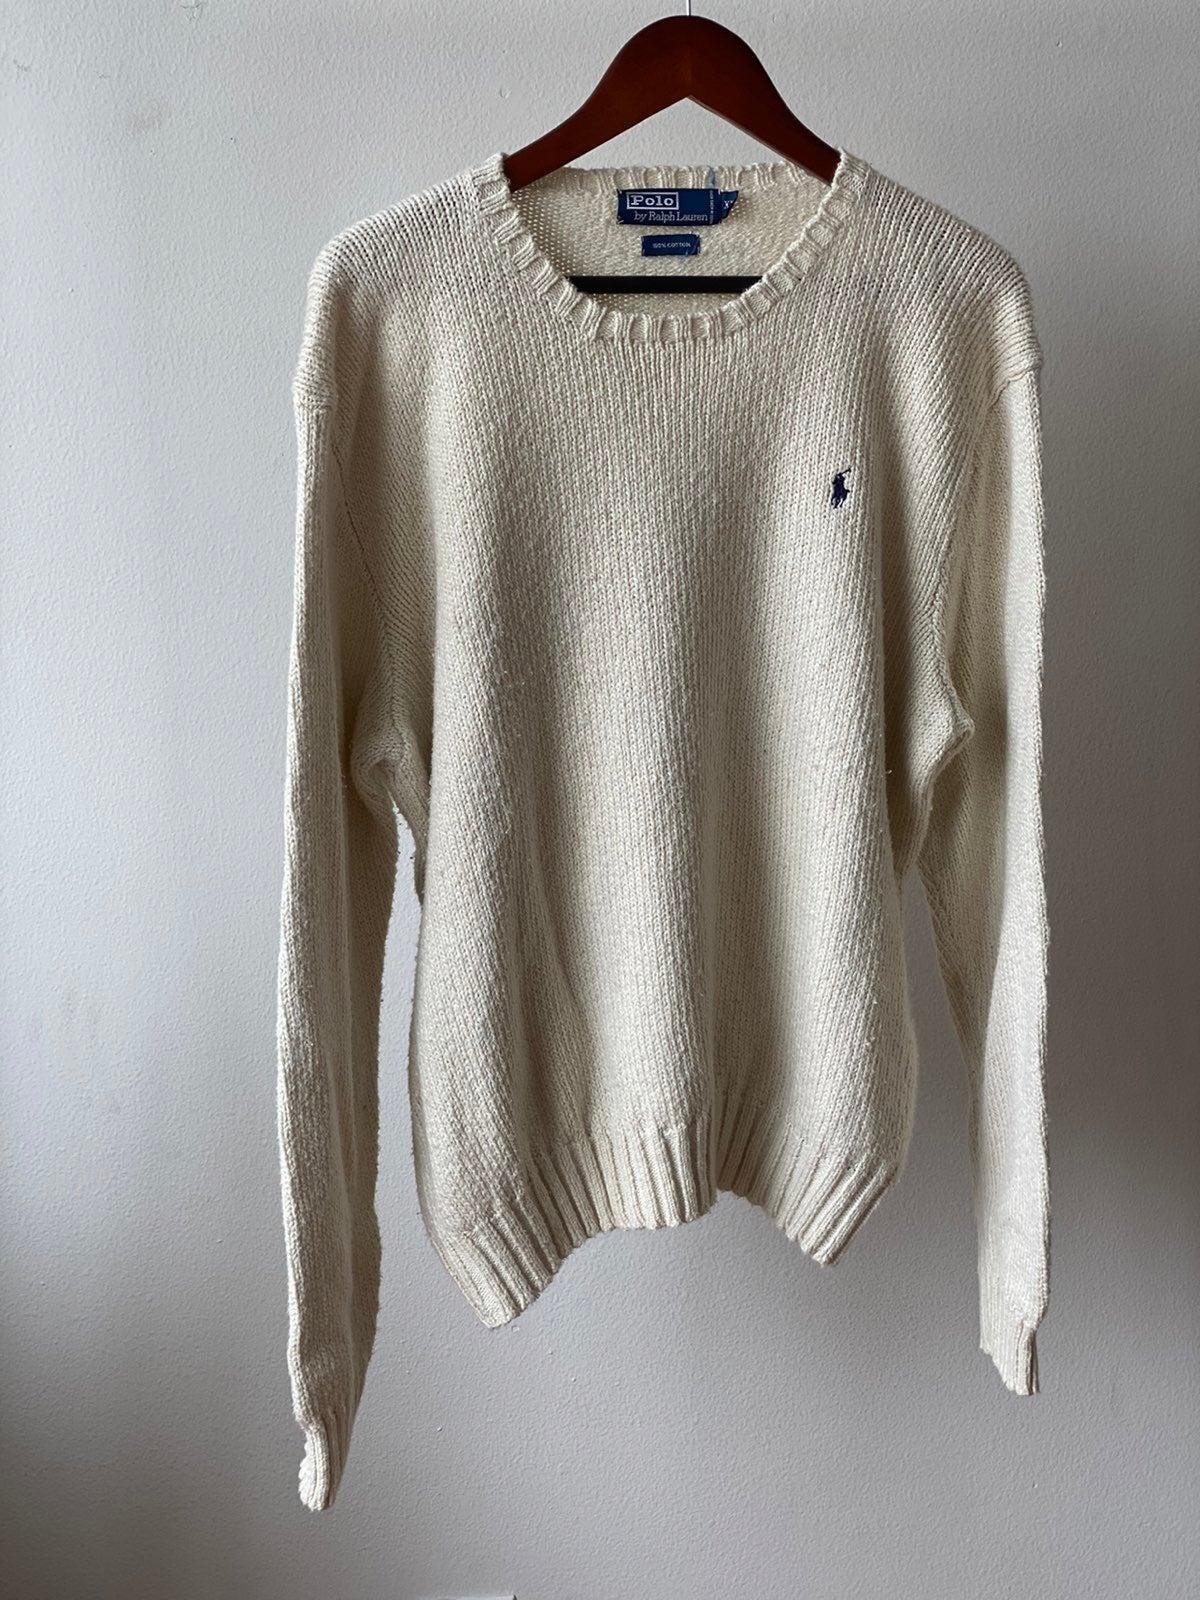 Polo Ralph Lauren Knit Sweater Sz XL